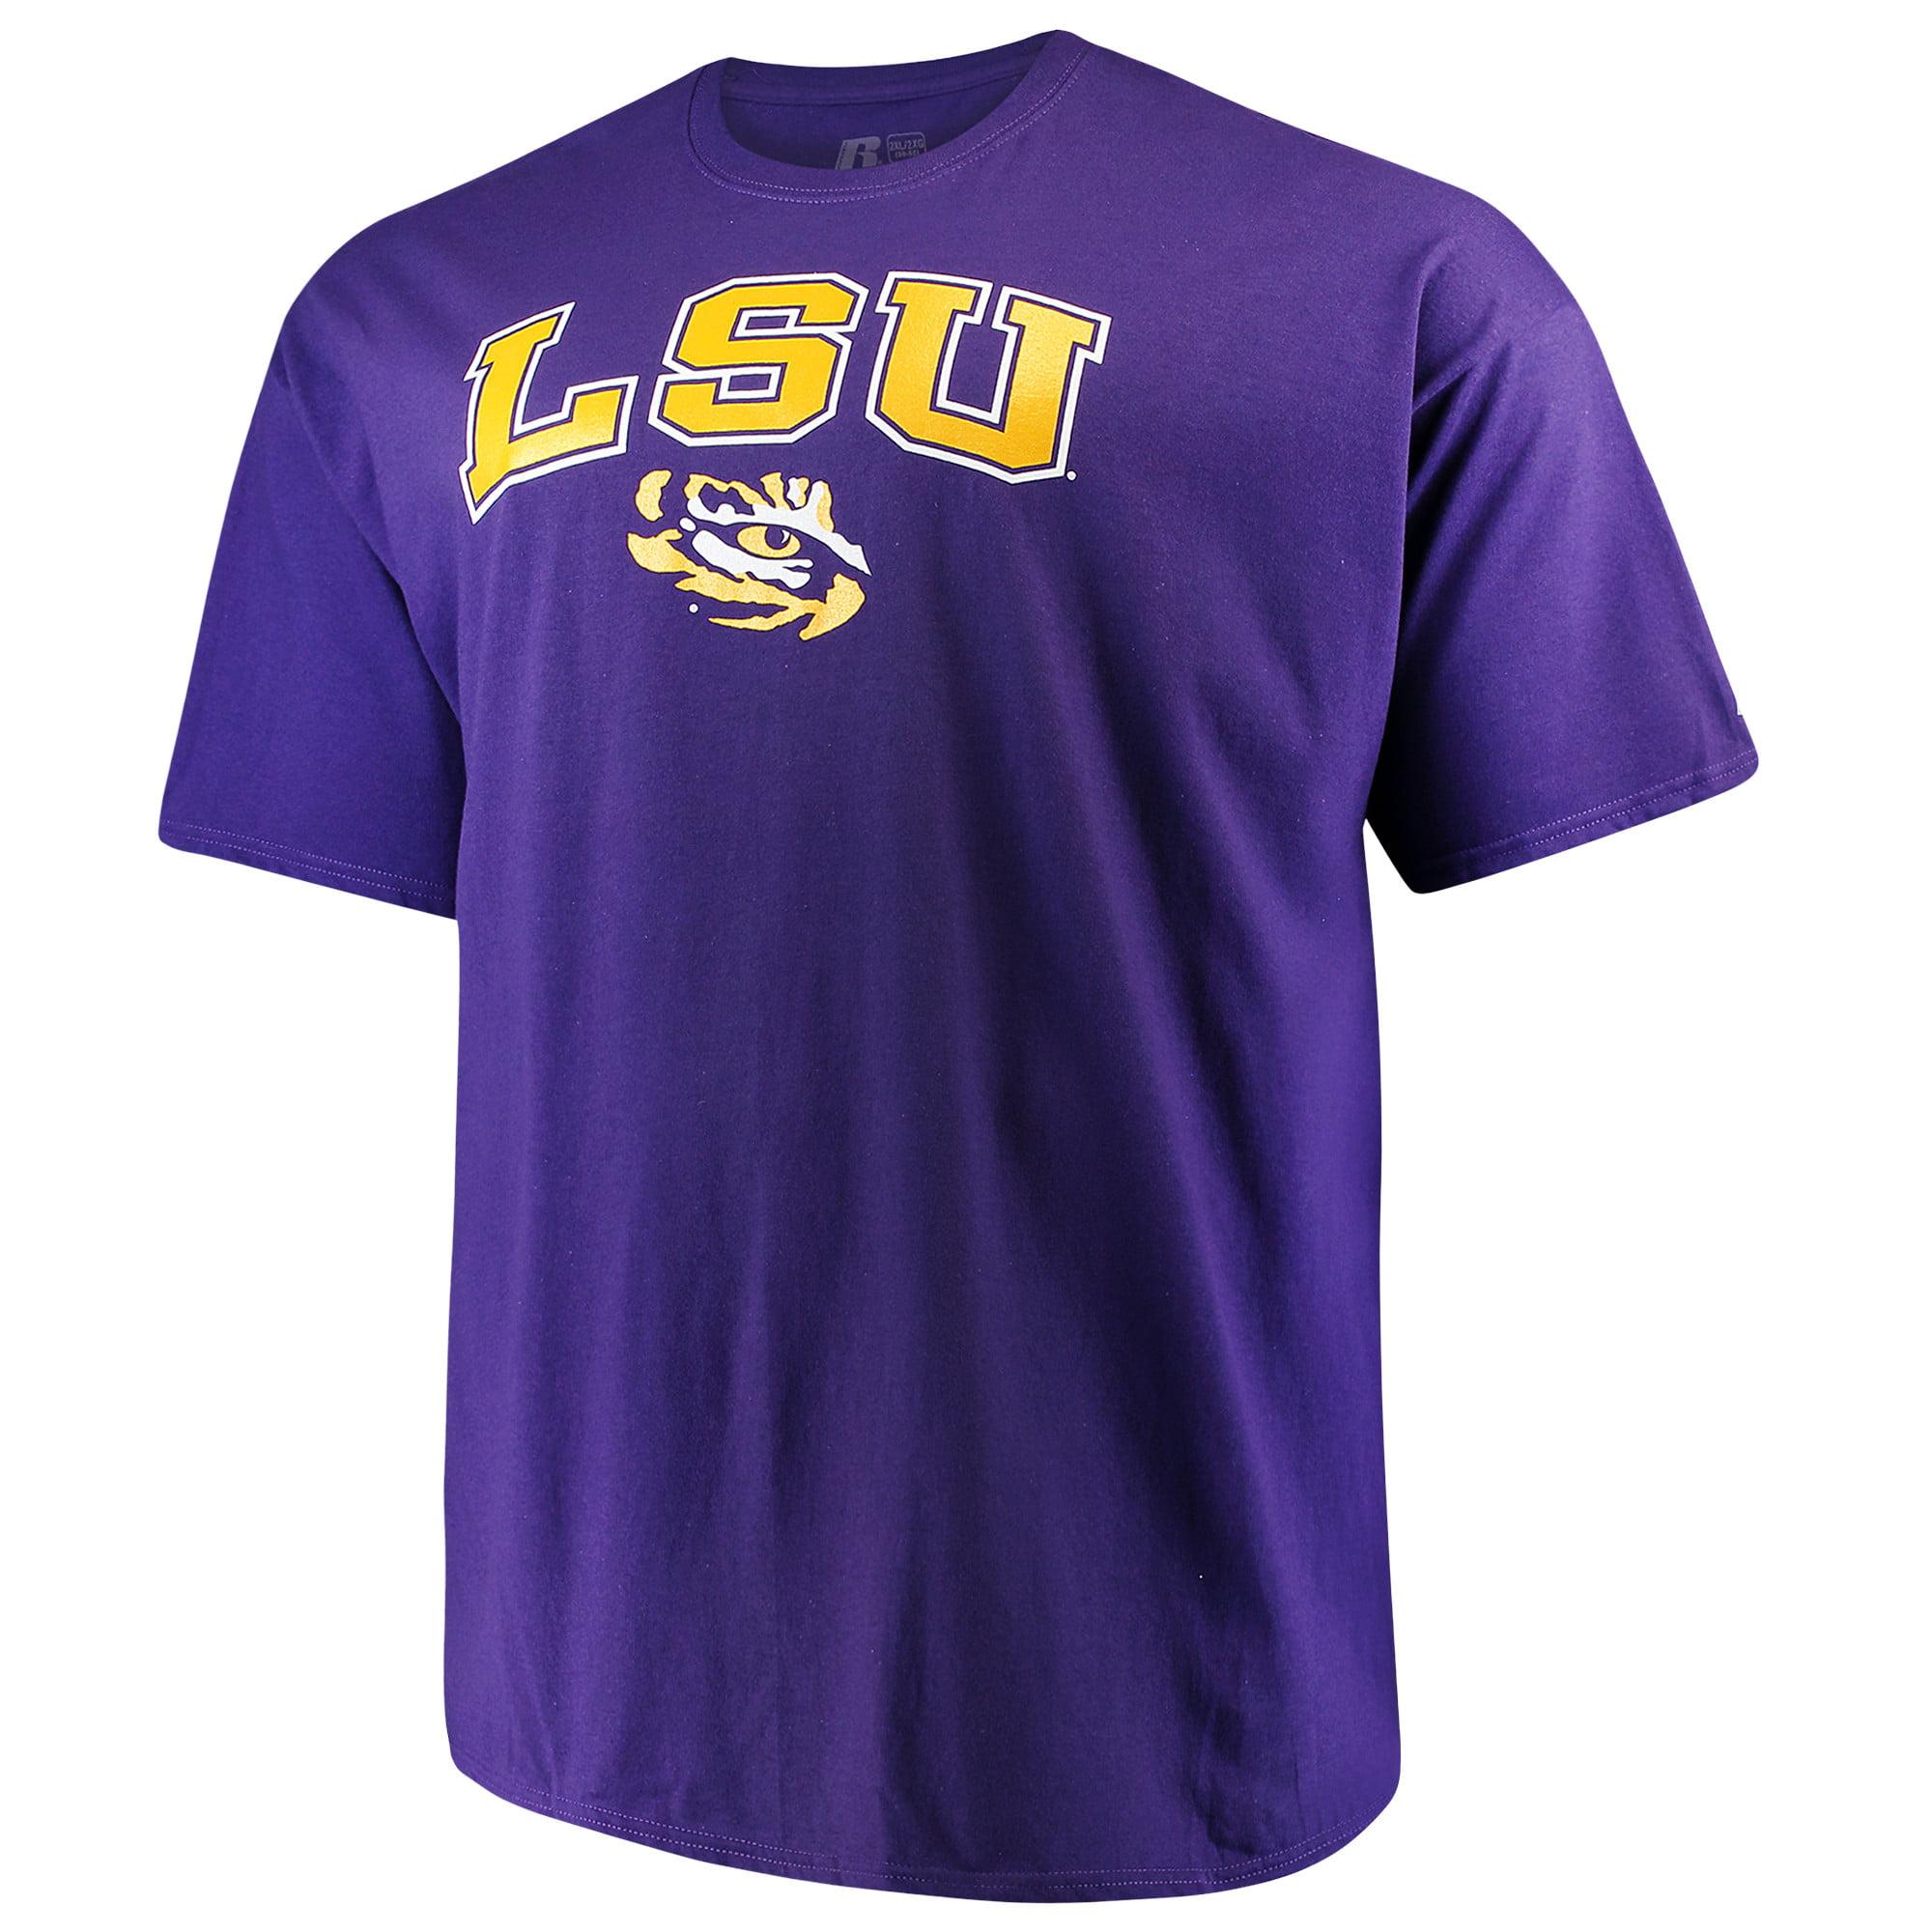 Men's Russell Purple LSU Tigers Big & Tall Classic Crew Neck T-Shirt